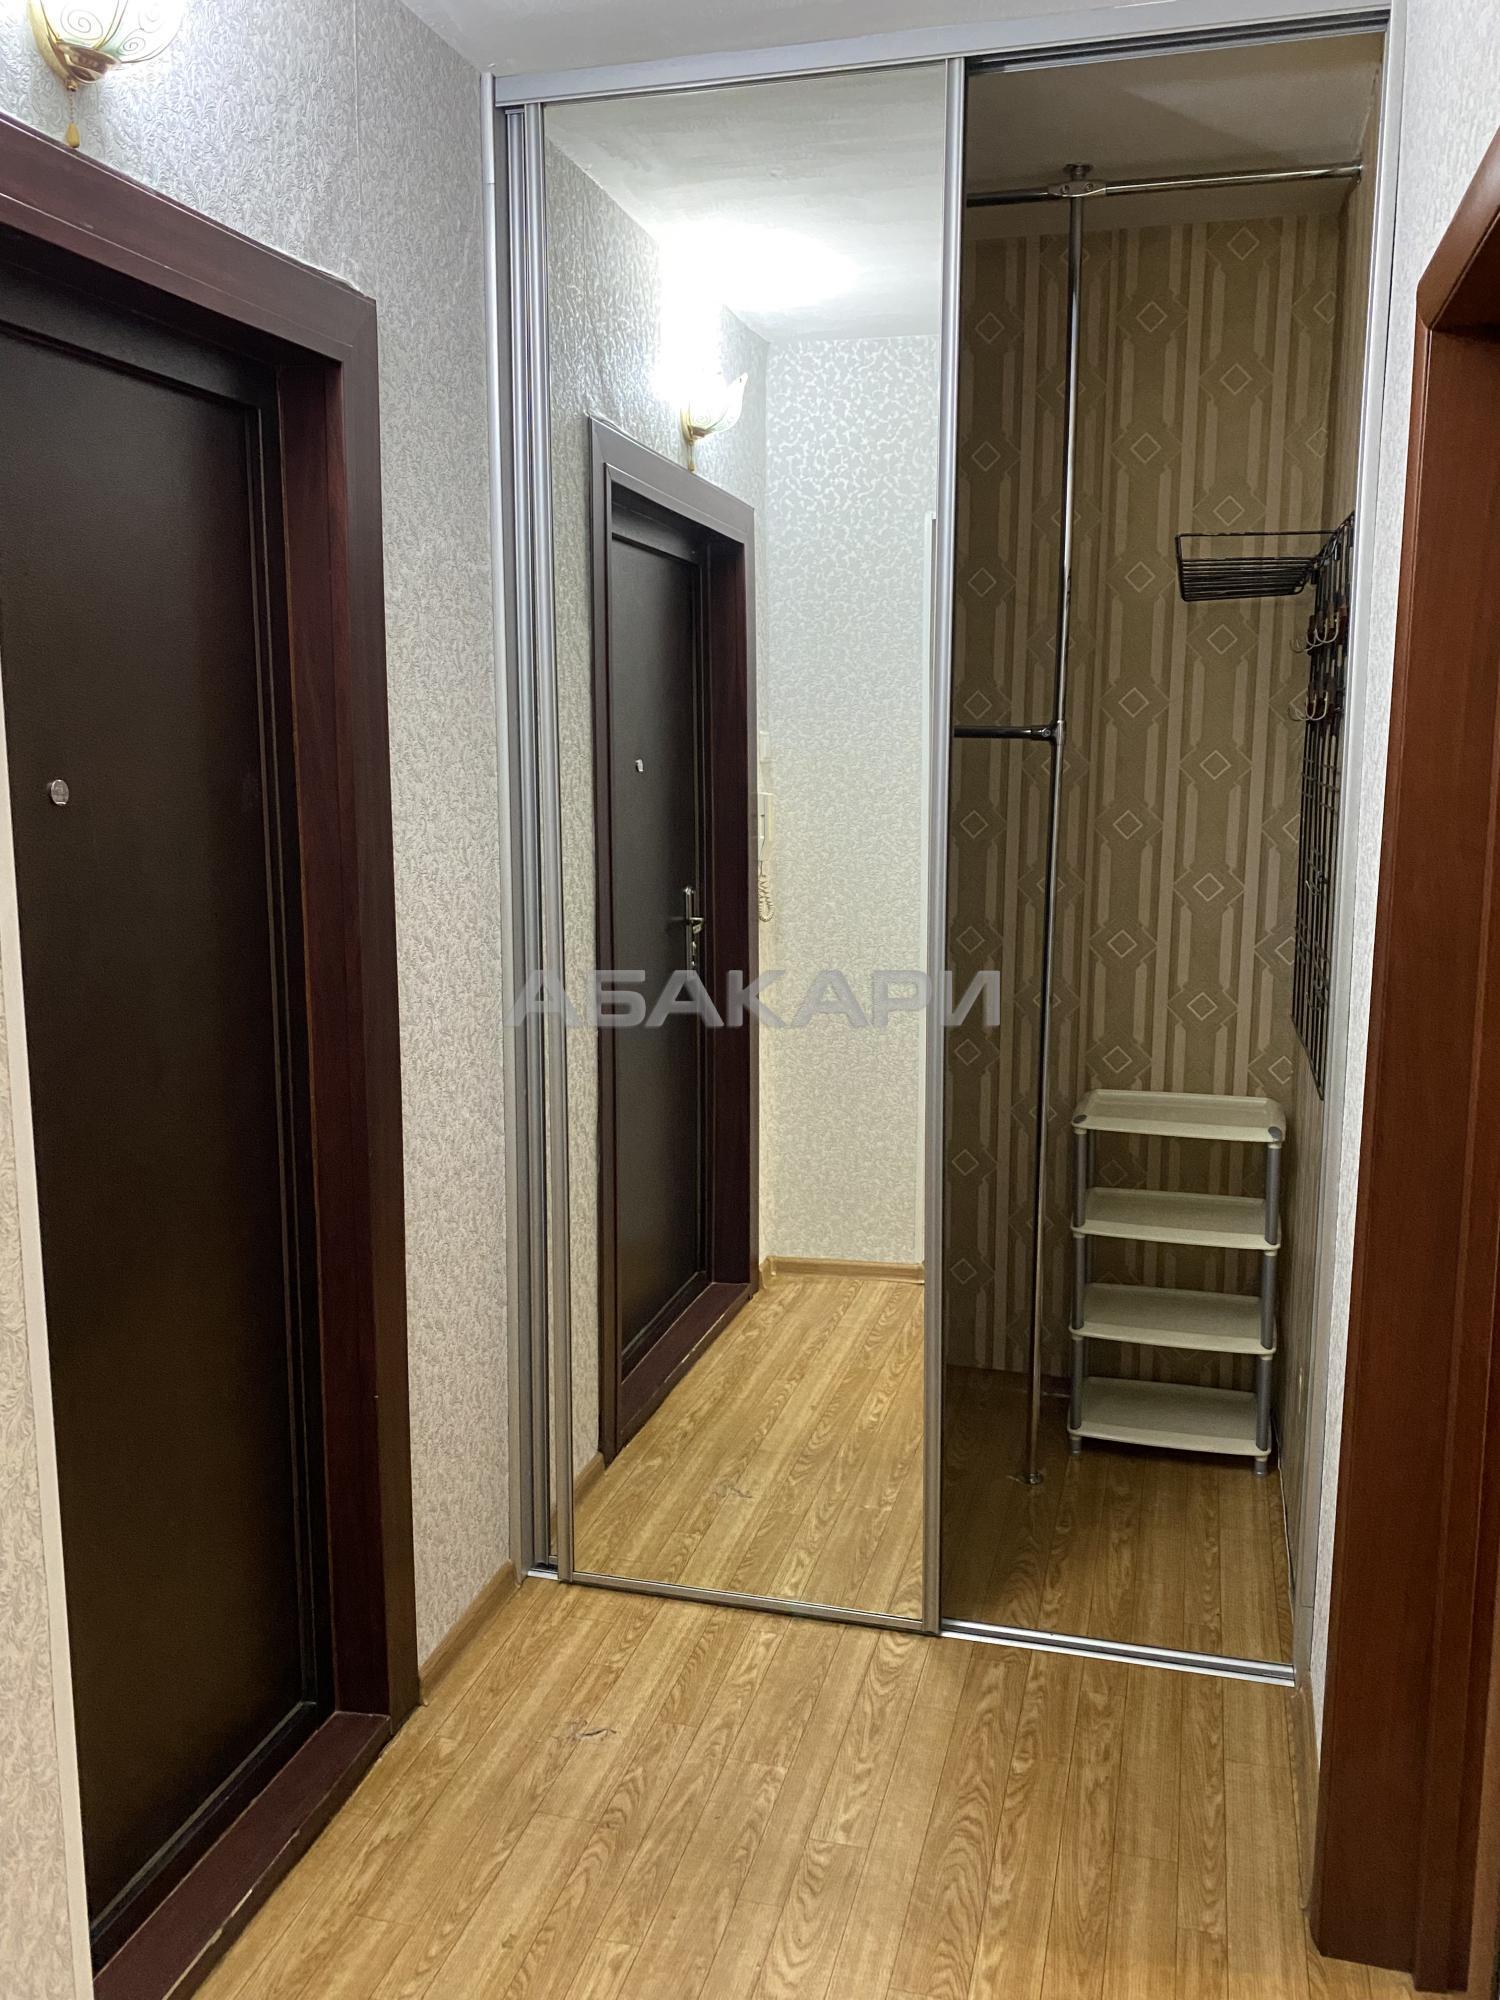 1к квартира улица Бабушкина, 41 6/10 - 32кв | 19000 | аренда в Красноярске фото 2